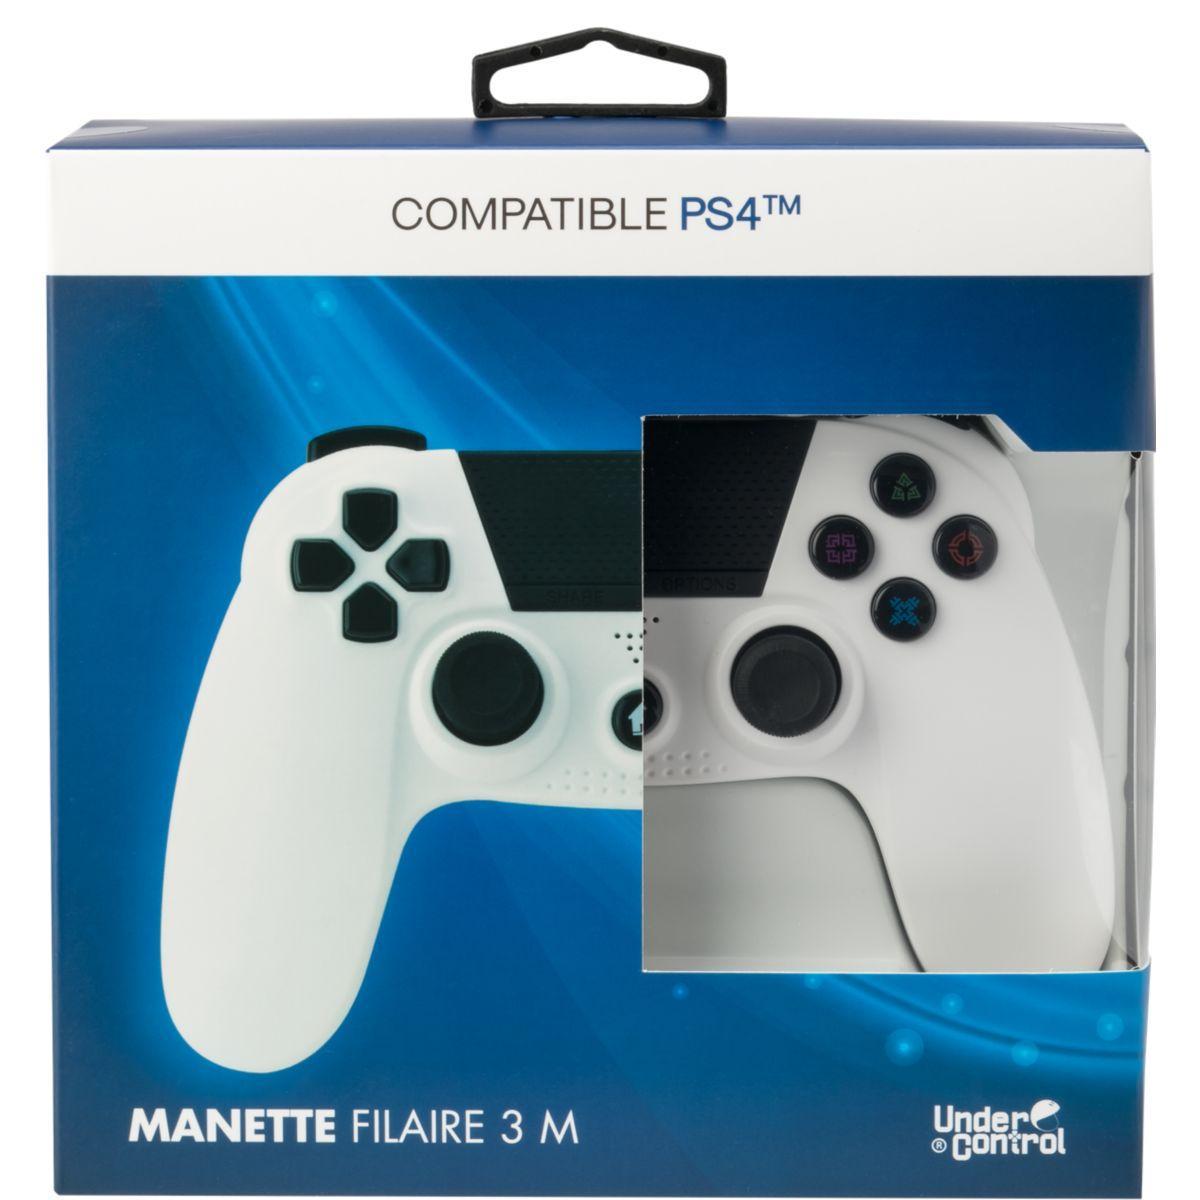 Manette under control manette ps4 filaire blanche - 2% de remi...